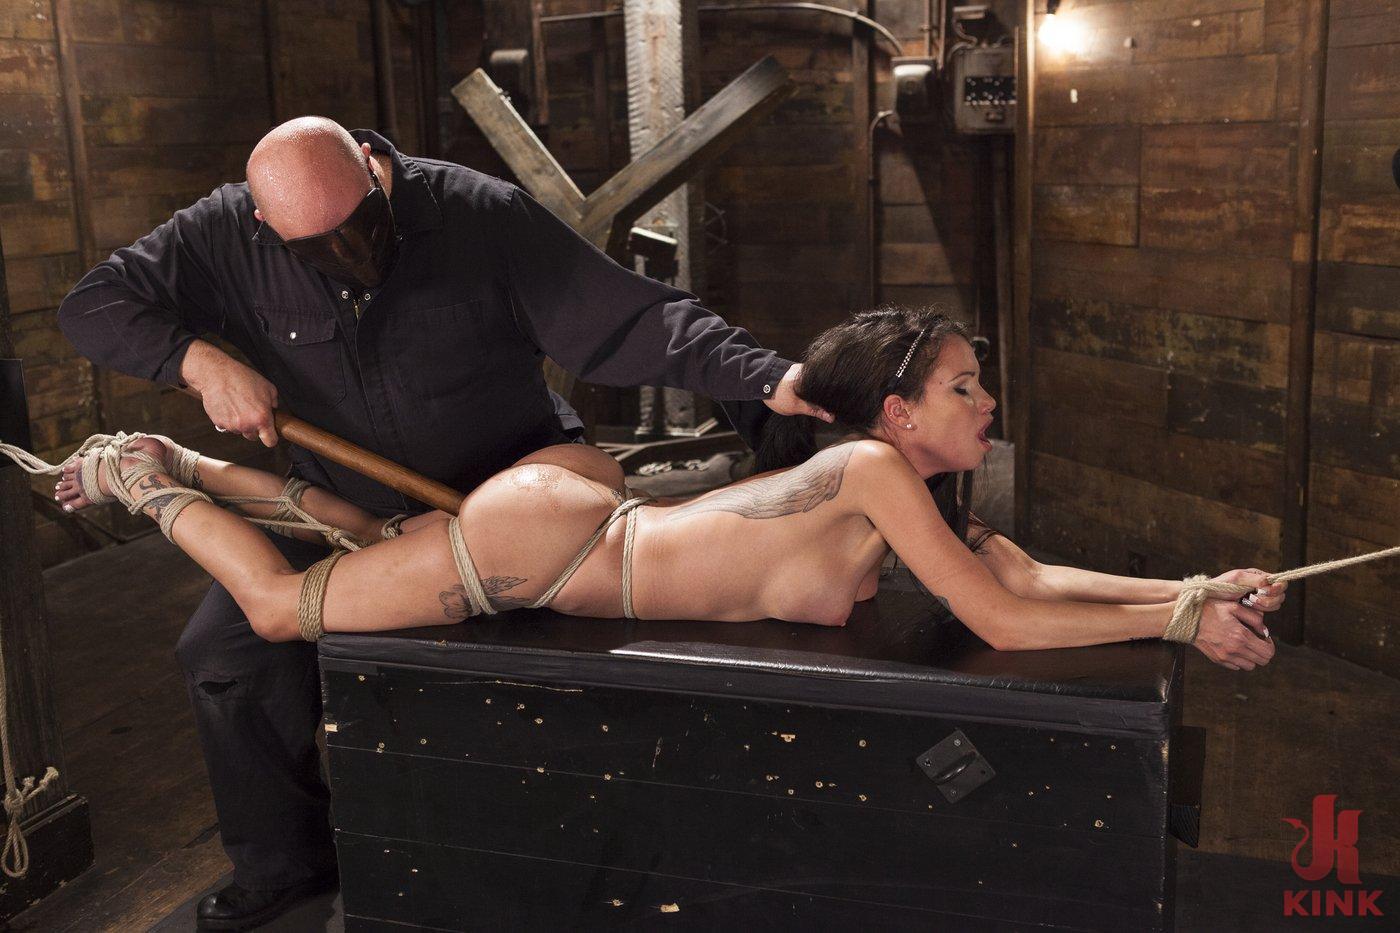 Photo number 7 from Big tit Brunette caught in brutal bondage. shot for Hogtied on Kink.com. Featuring Sgt. Major and Raven Bay in hardcore BDSM & Fetish porn.